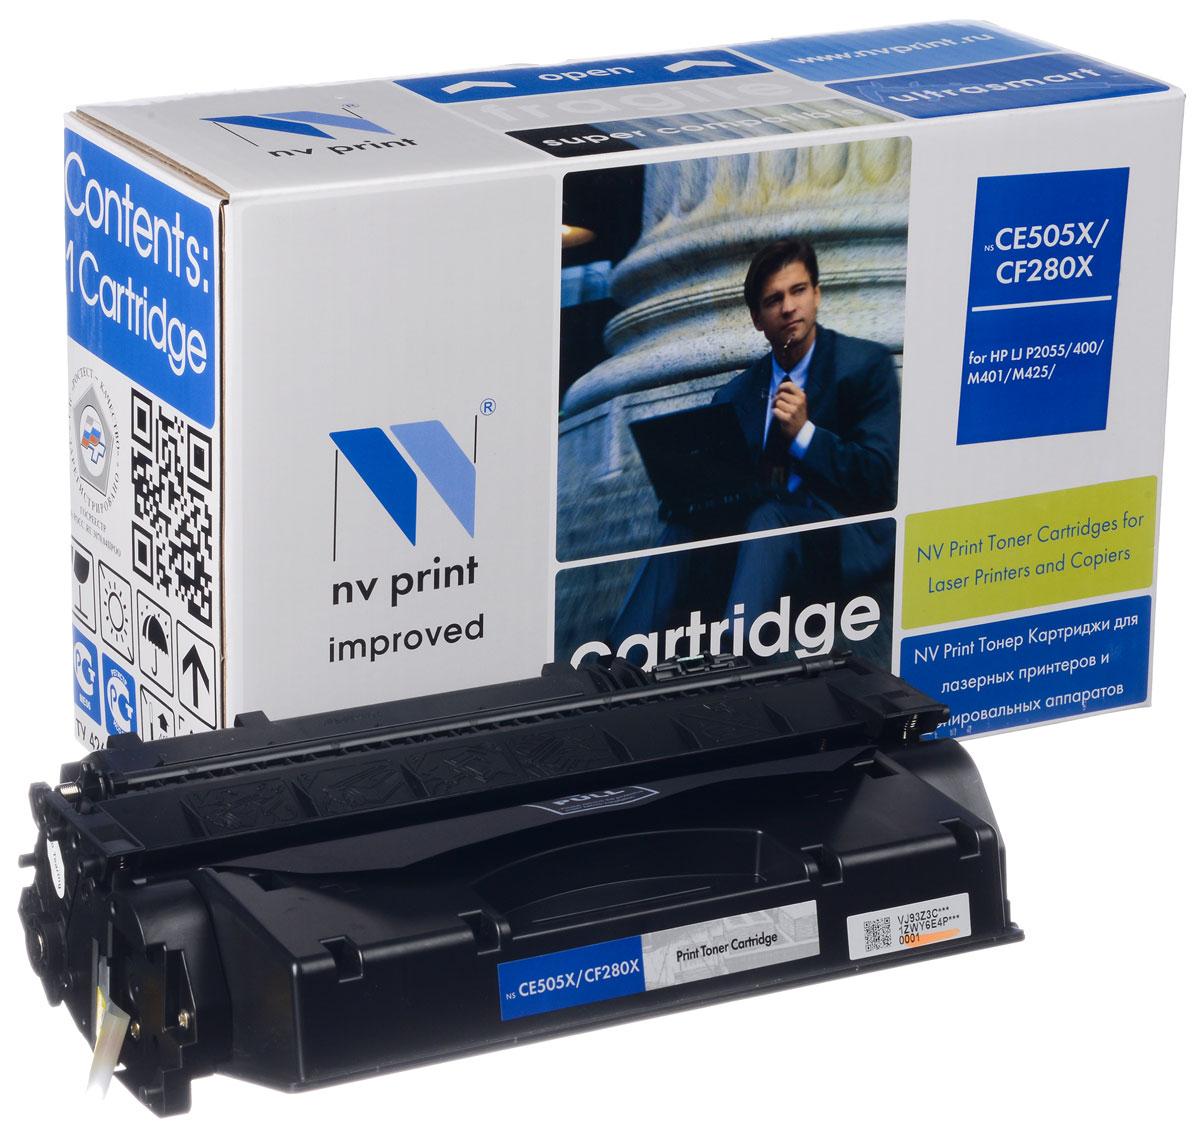 NV Print NV-CF280X/CE505X, Black тонер-картридж для HP LaserJet P2055/400/M401/M425NV-CF280X/CE505XСовместимый лазерный картридж NV Print NV-CF280X/CE505X для печатающих устройств HP - это альтернатива приобретению оригинальных расходных материалов. При этом качество печати остается высоким. Картридж обеспечивает повышенную чёткость чёрного текста и плавность переходов оттенков серого цвета и полутонов, позволяет отображать мельчайшие детали изображения. Лазерные принтеры, копировальные аппараты и МФУ являются более выгодными в печати, чем струйные устройства, так как лазерных картриджей хватает на значительно большее количество отпечатков, чем обычных. Для печати в данном случае используются не чернила, а тонер.